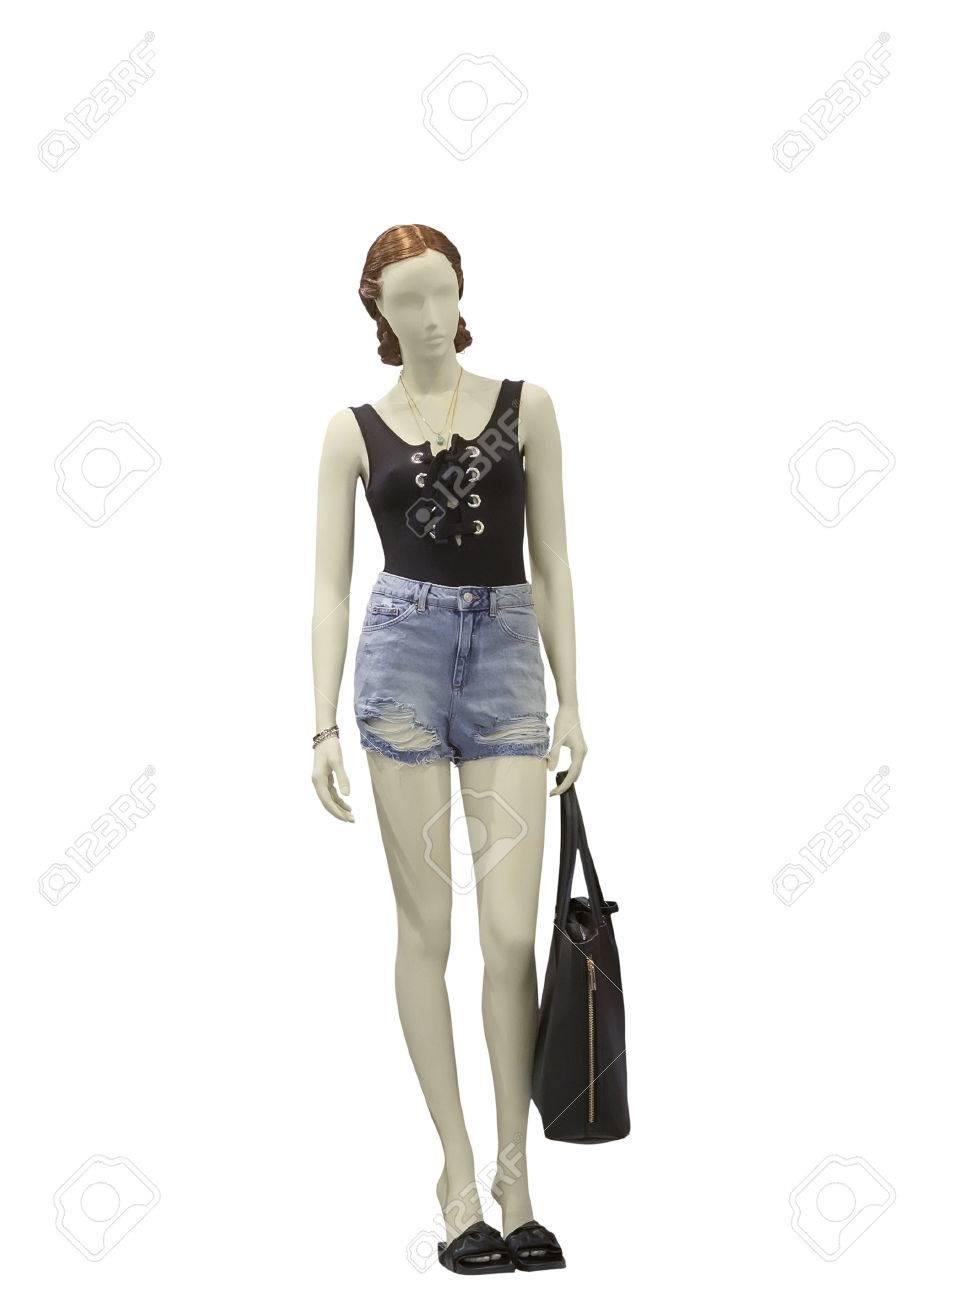 a3b5dd7223afe1 Mannequin femme pleine longueur habillé en short et un short en jean,  isolé. Aucun nom de marque ou objet de copyright.